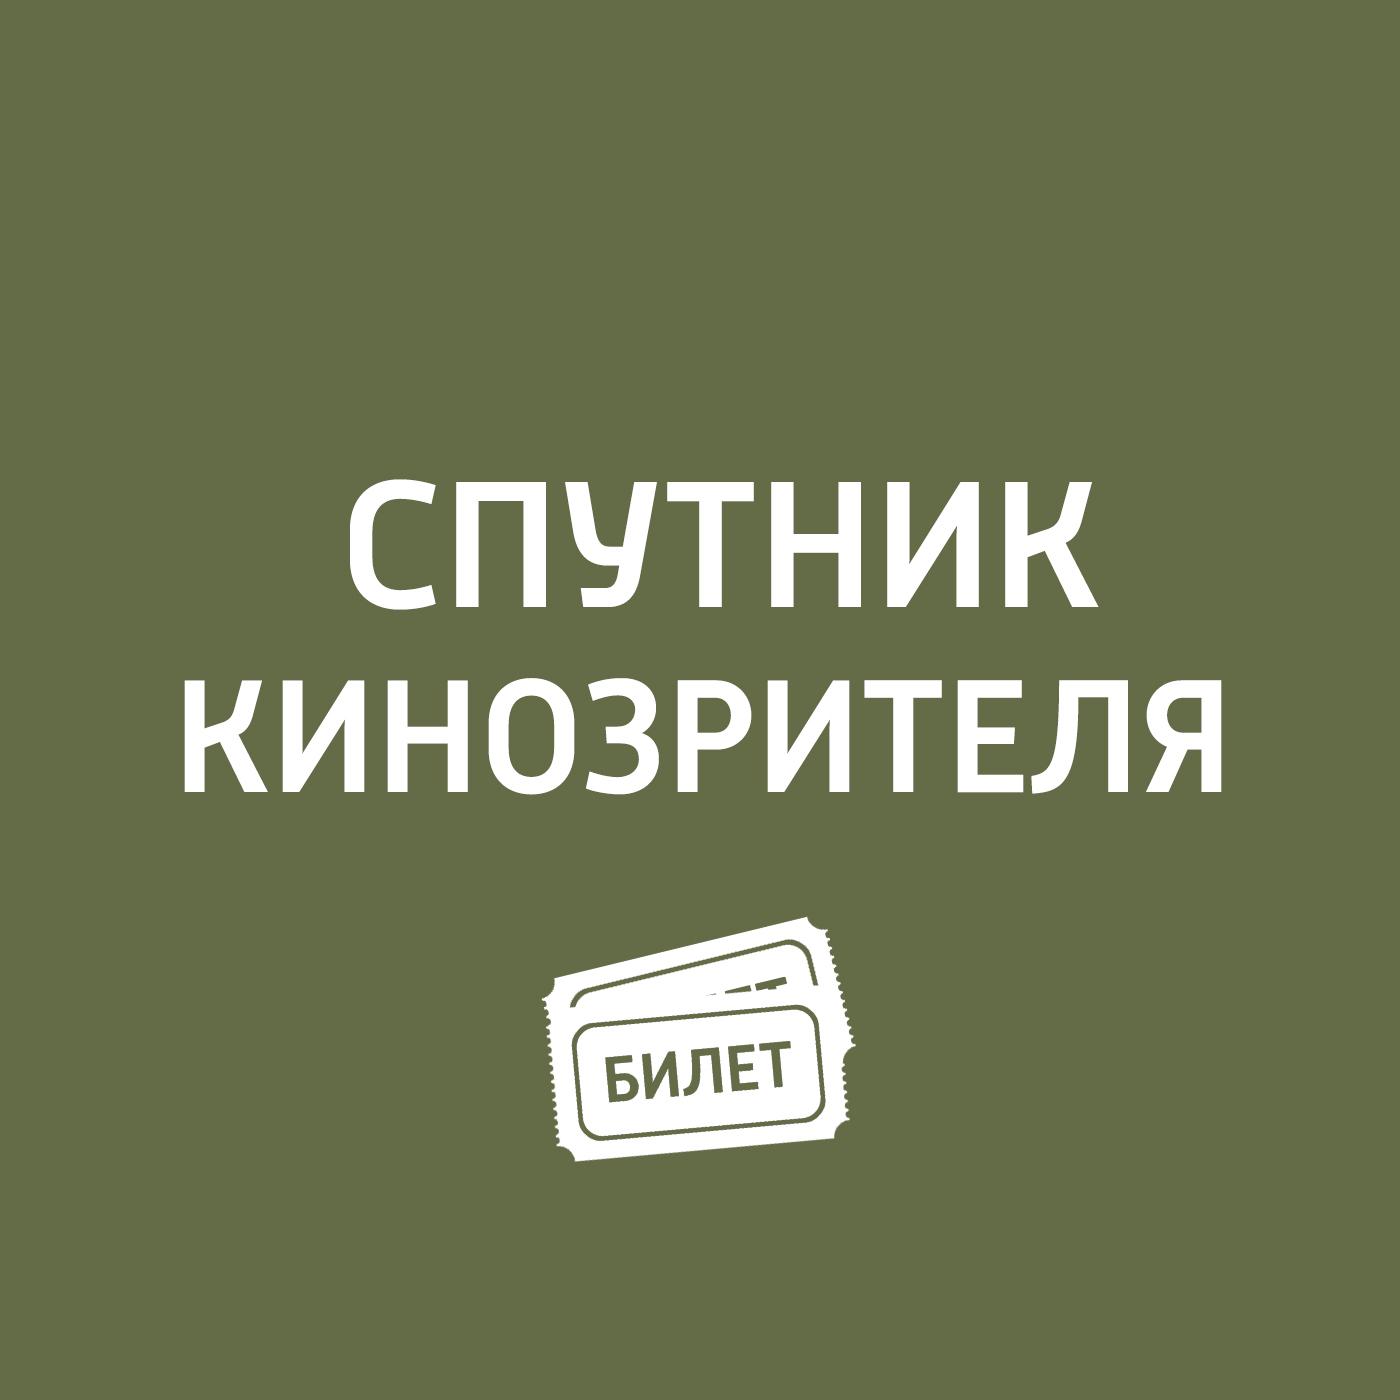 Антон Долин Лучшие российские новогодние фильмы